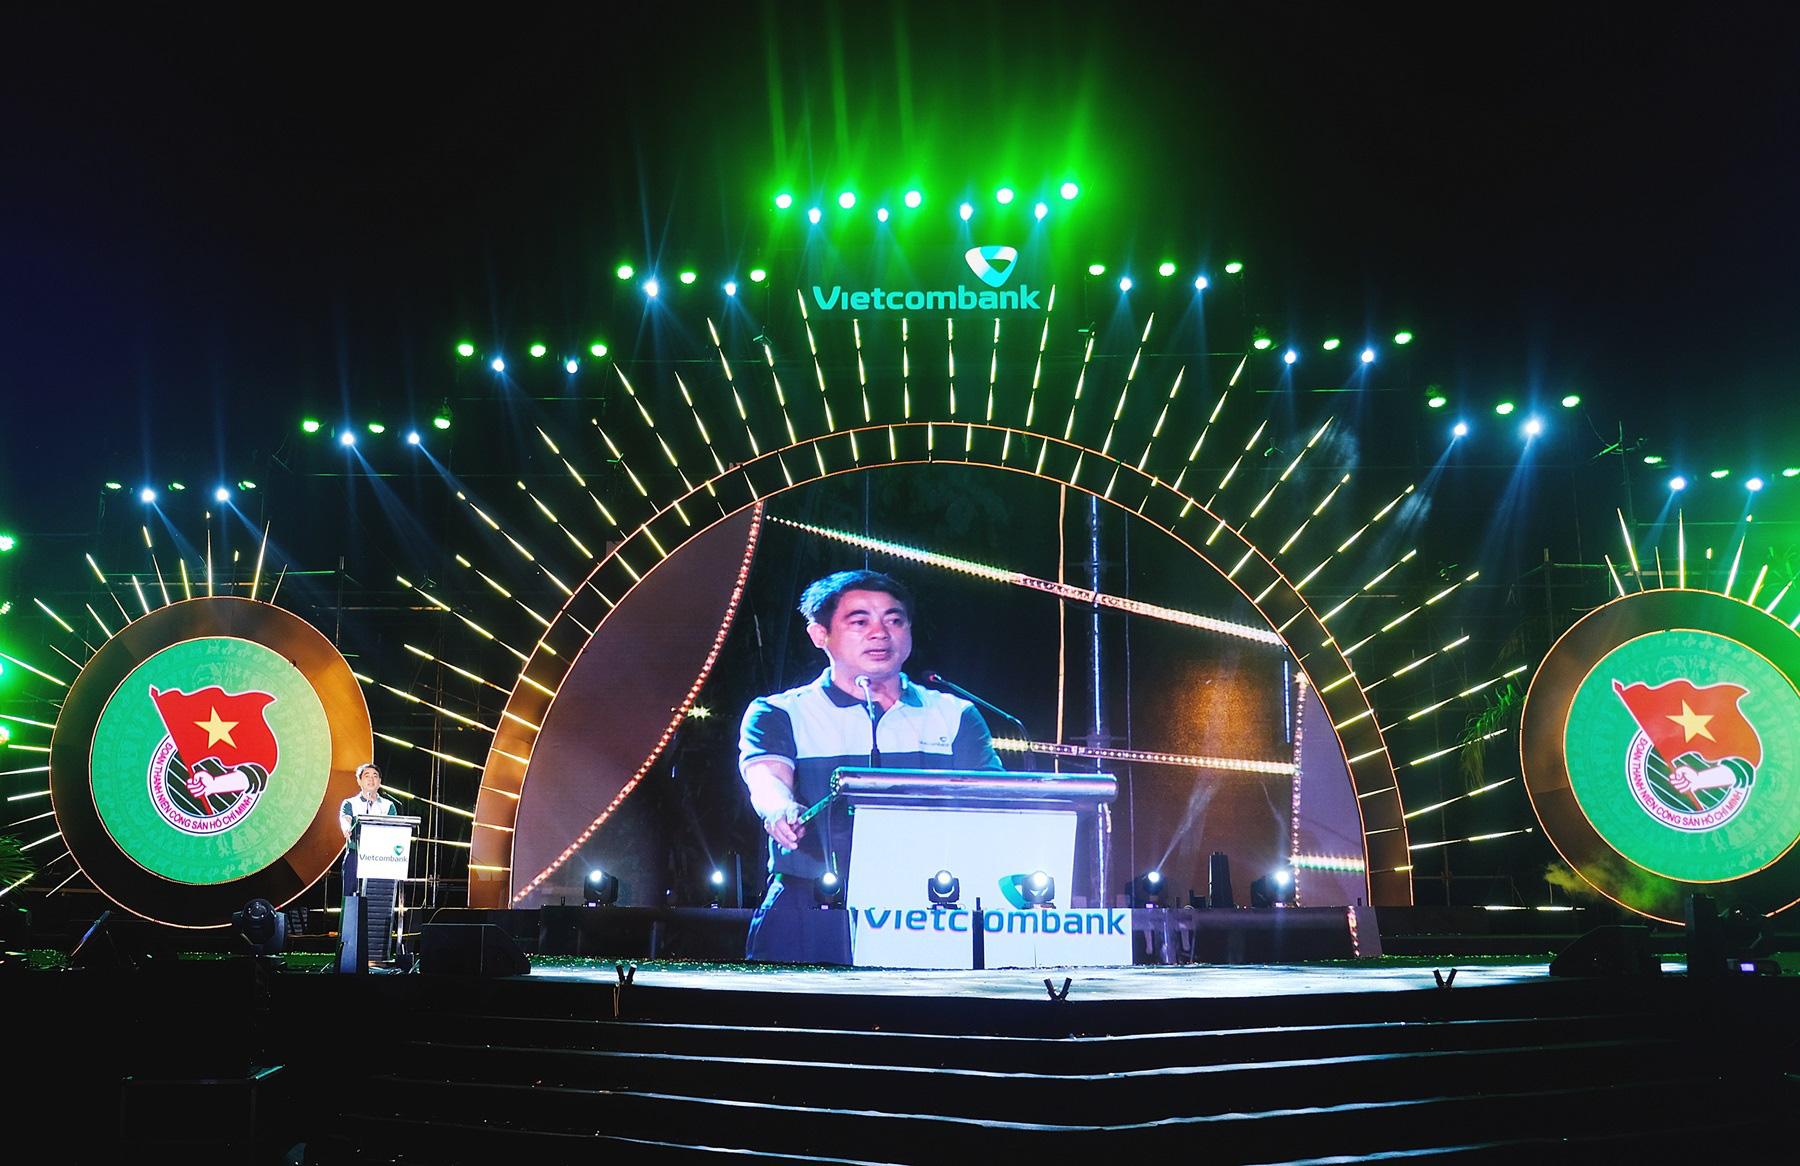 """Hội trại """"Tuổi trẻ Vietcombank – Sắt son niềm tin với Đảng"""" hướng tới chào mừng Đại hội Đảng các cấp - Ảnh 1."""